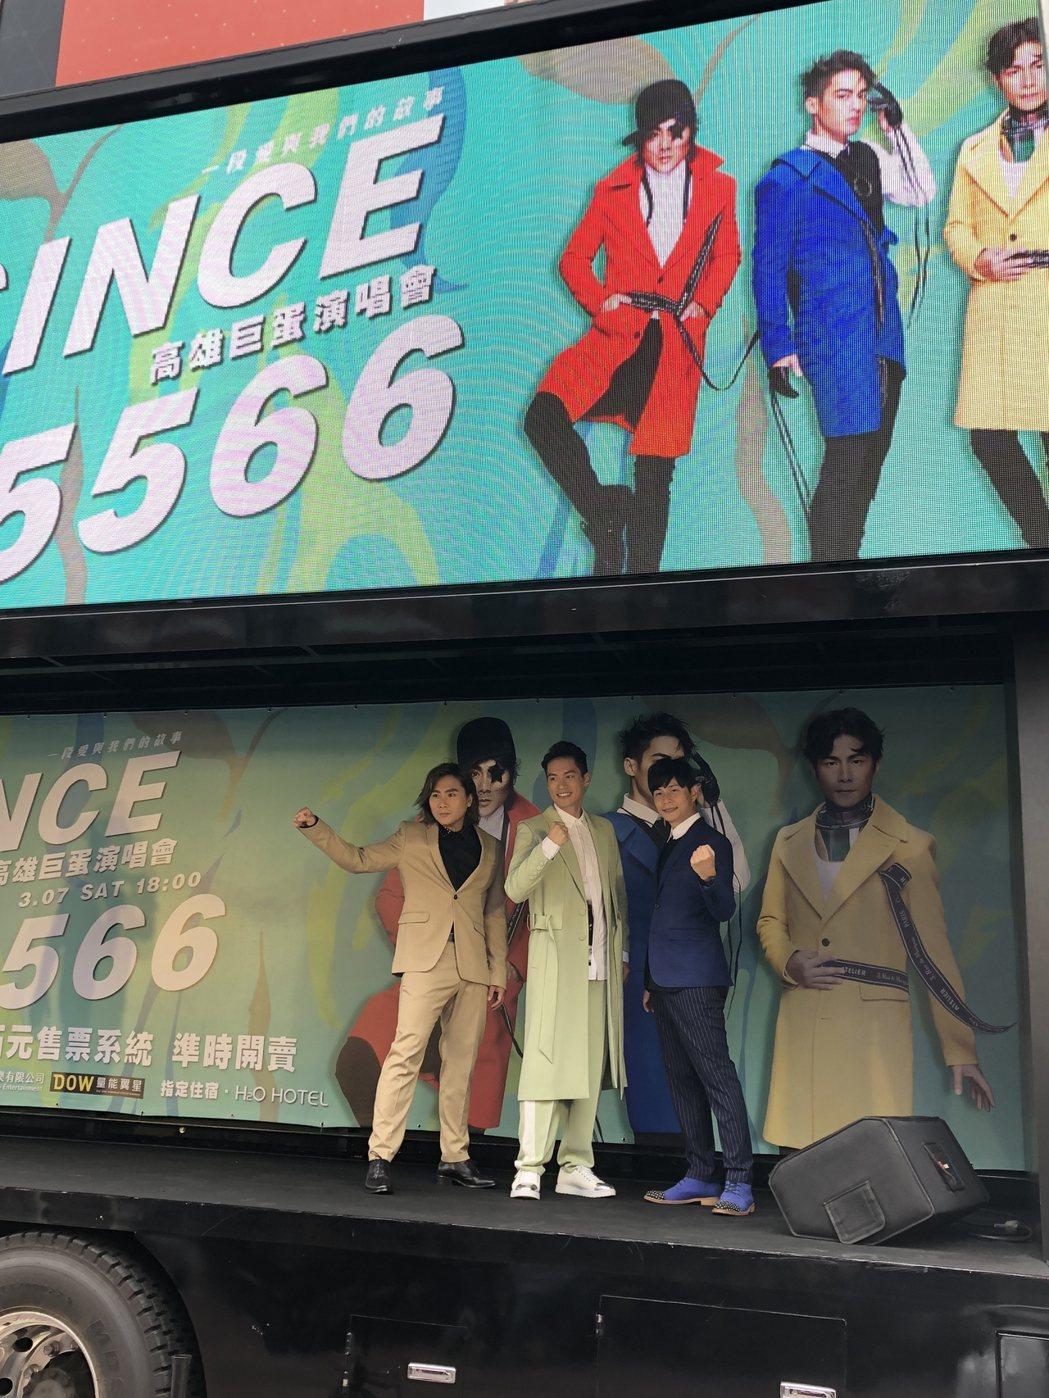 5566宣布明年3月7日登上高雄巨蛋開唱。記者林士傑/攝影